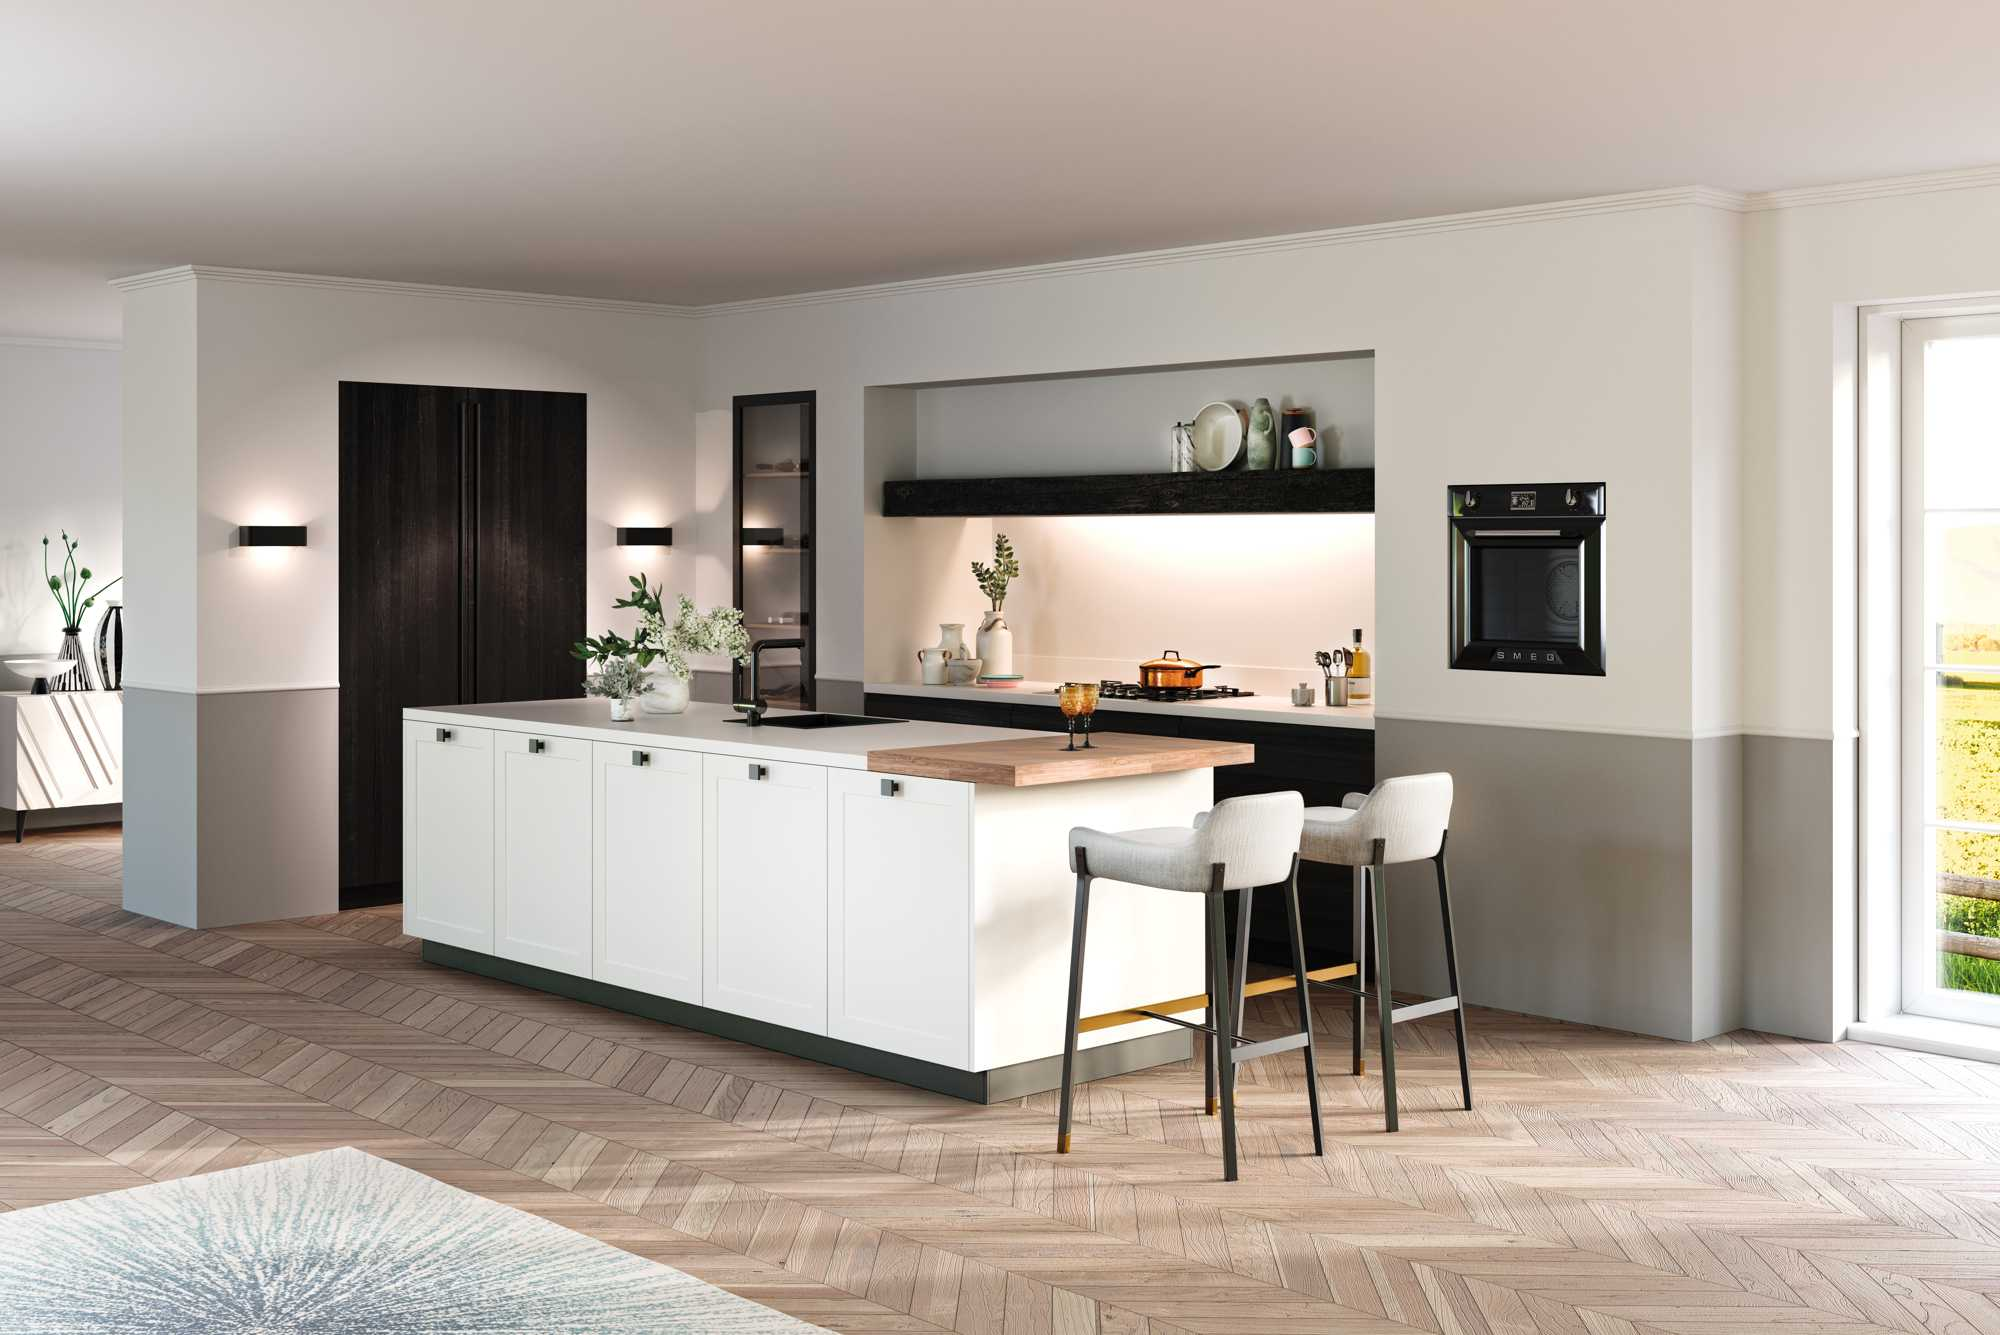 Three tone kitchen: You Black OL, Micron MX White and Memory OL Zero Blackcombination